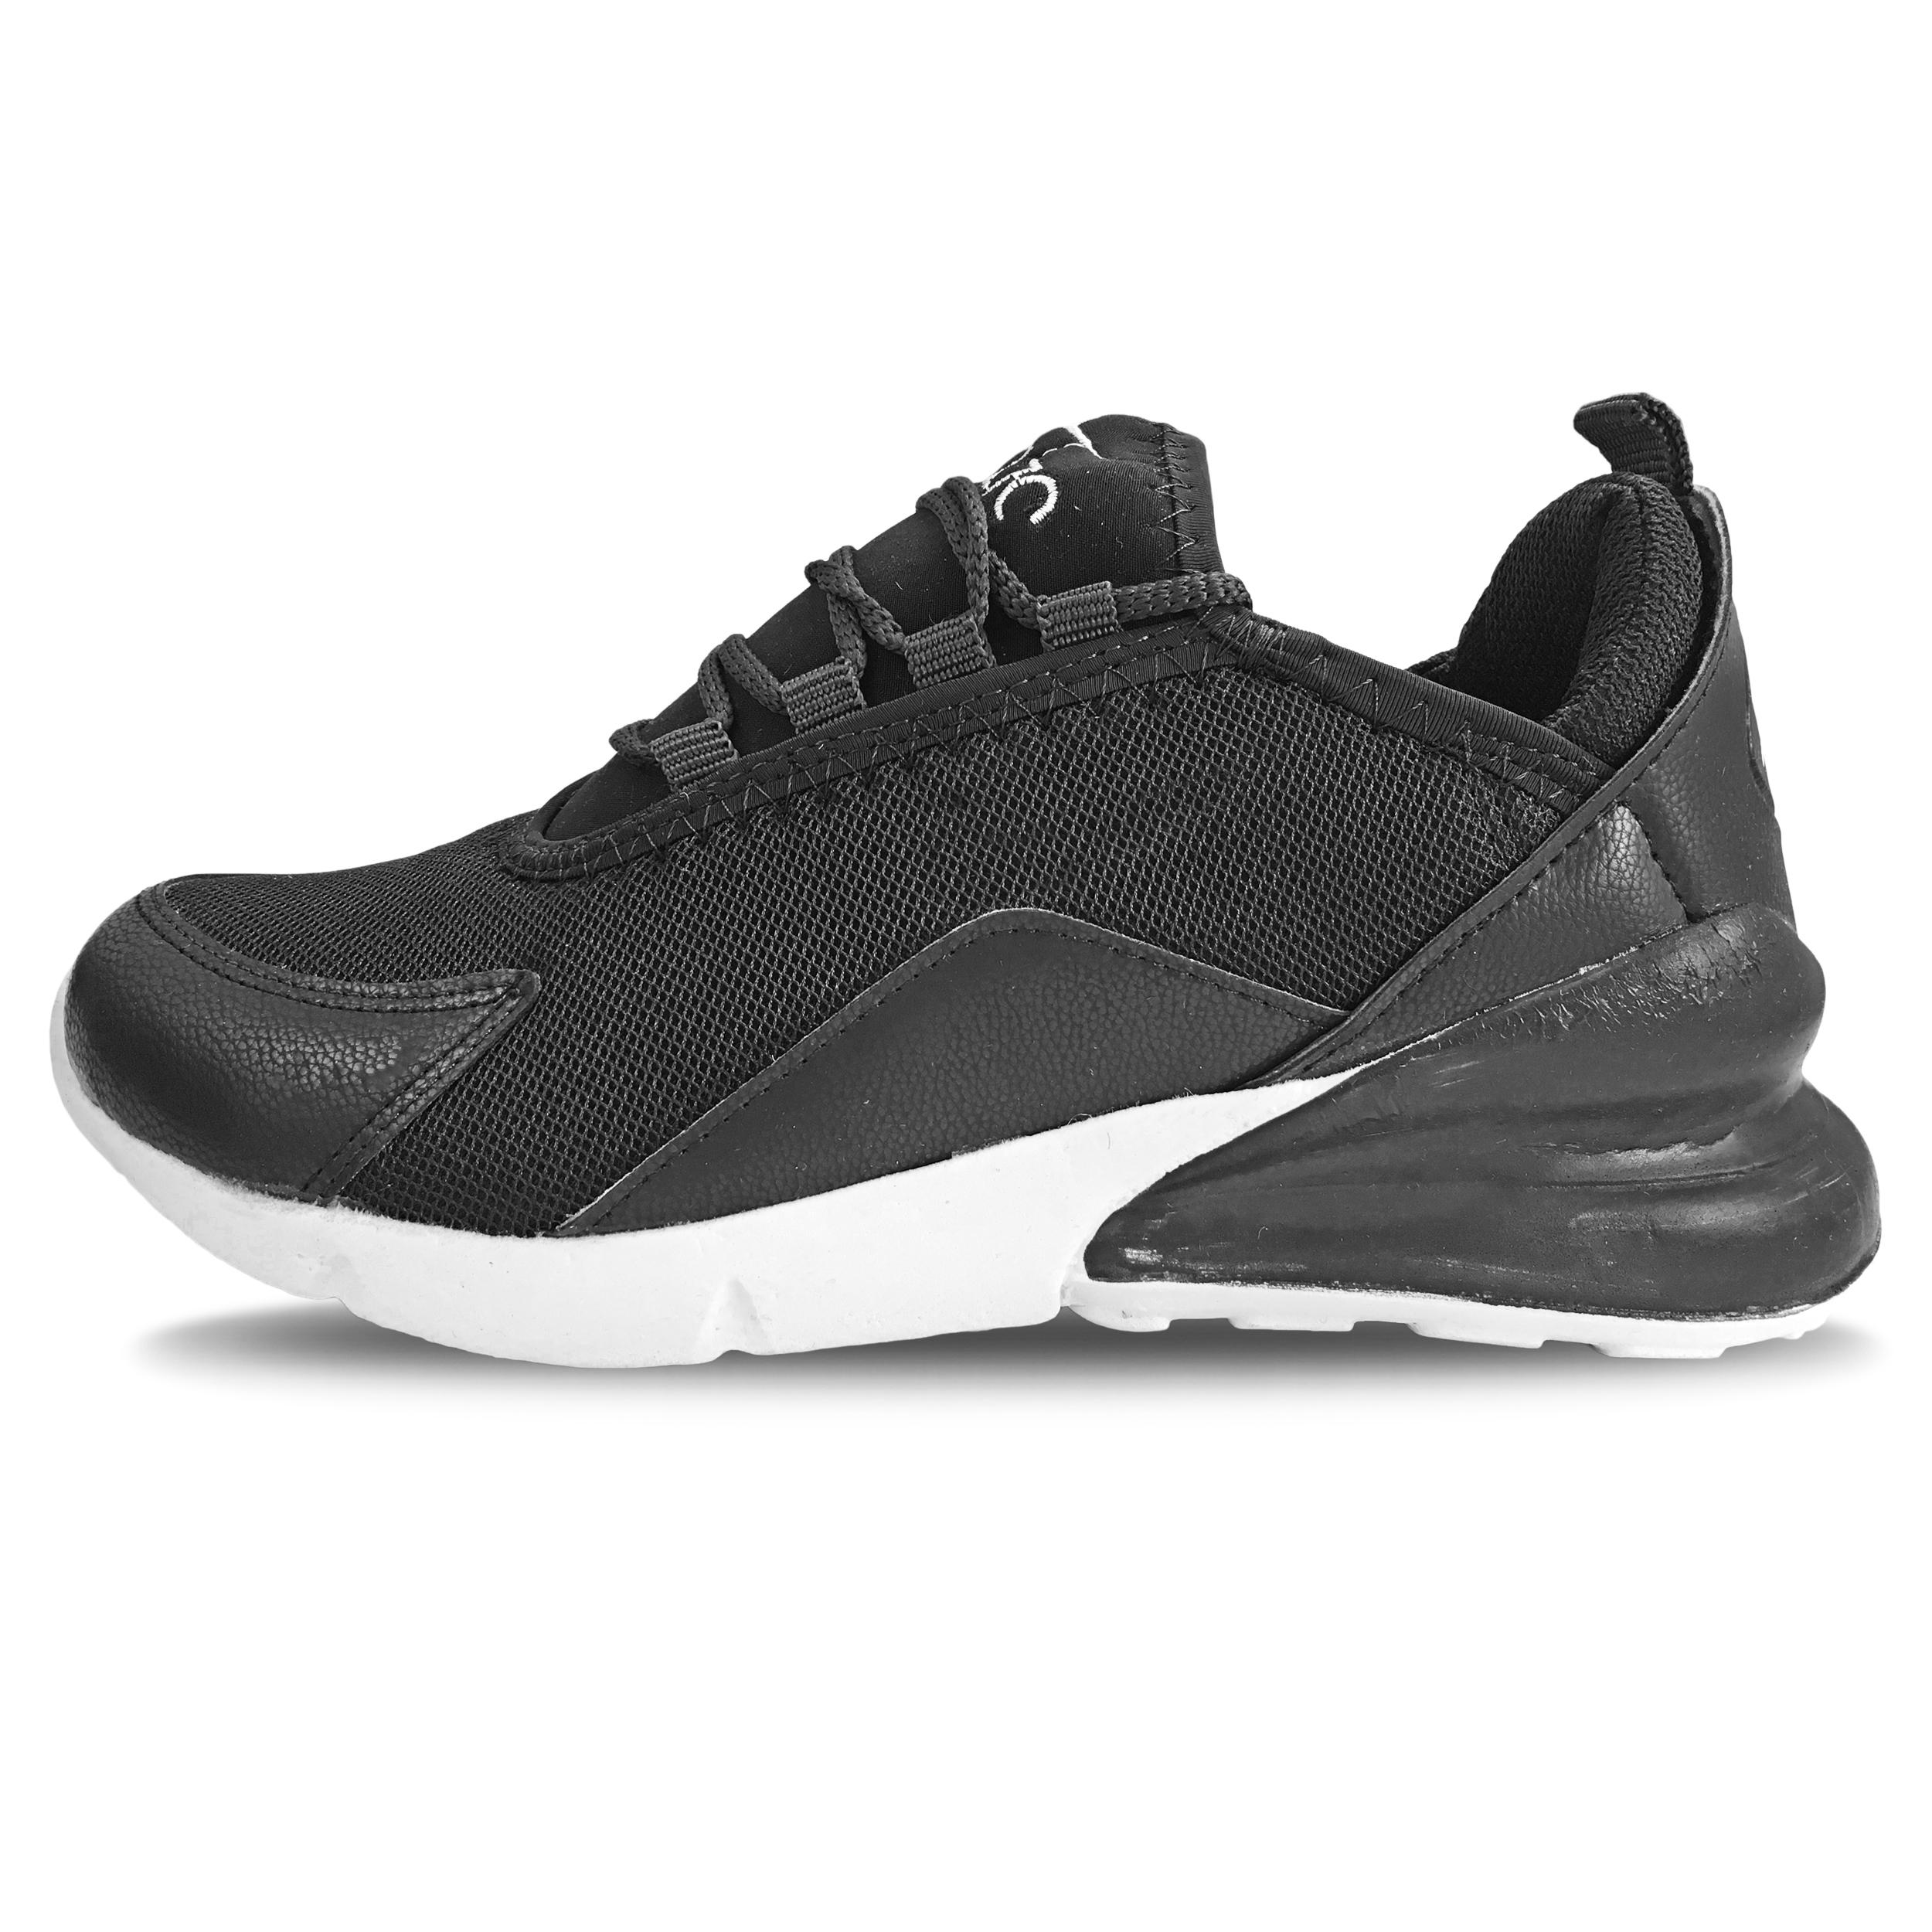 کفش مخصوص پیاده روی مردانه مدل پاما کد B5034